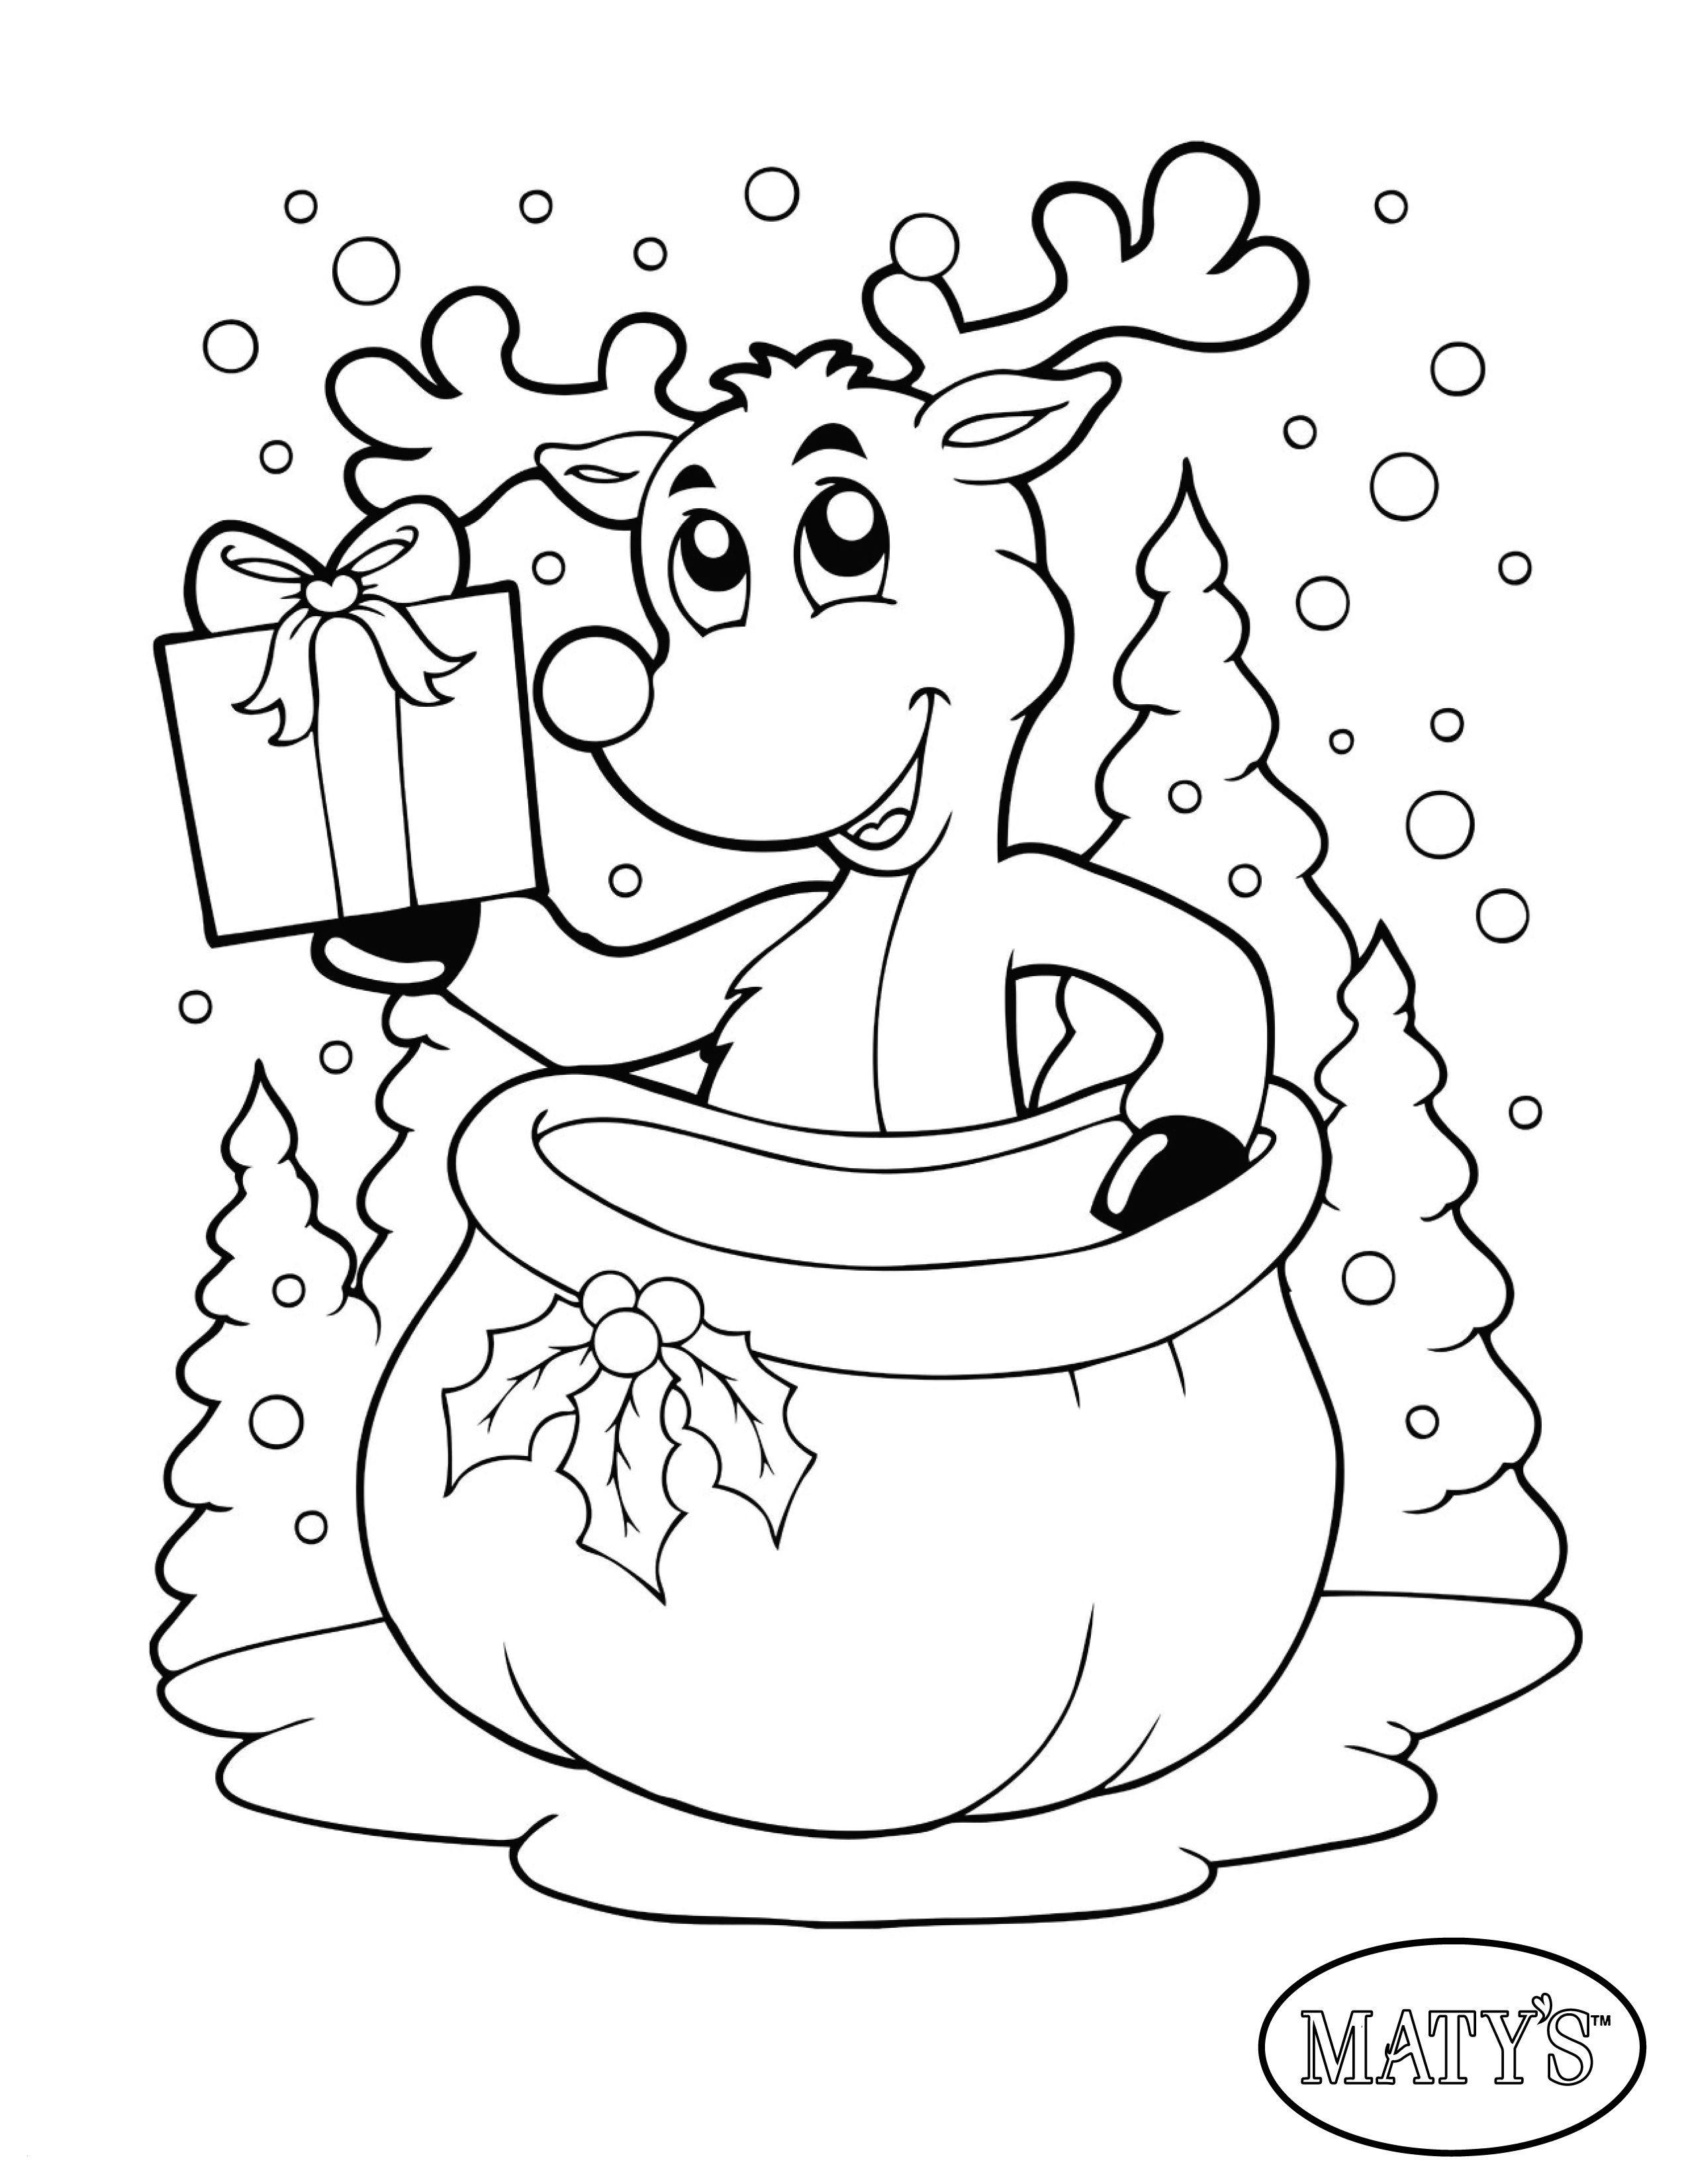 Ausmalbilder Weihnachten Schneeflocke Inspirierend Malvorlagen Schneeflocke Mit Schneemännern Frisch Weihnachten Sammlung